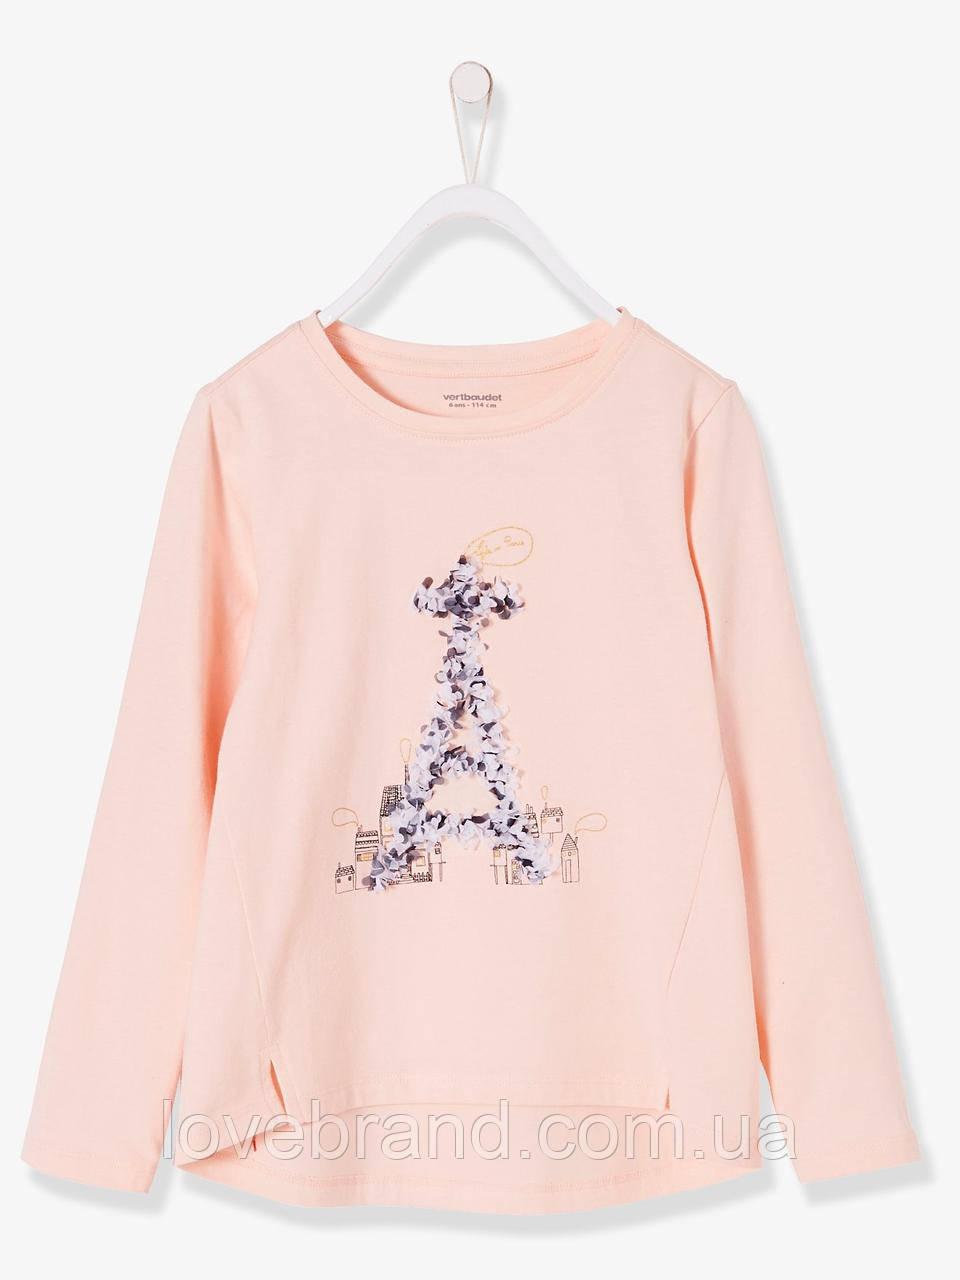 """Футболка на длинный рукав для девочки Verbaudet (Франция) """"Эйфелевая башня"""" легкая кофточка на весну/осень"""